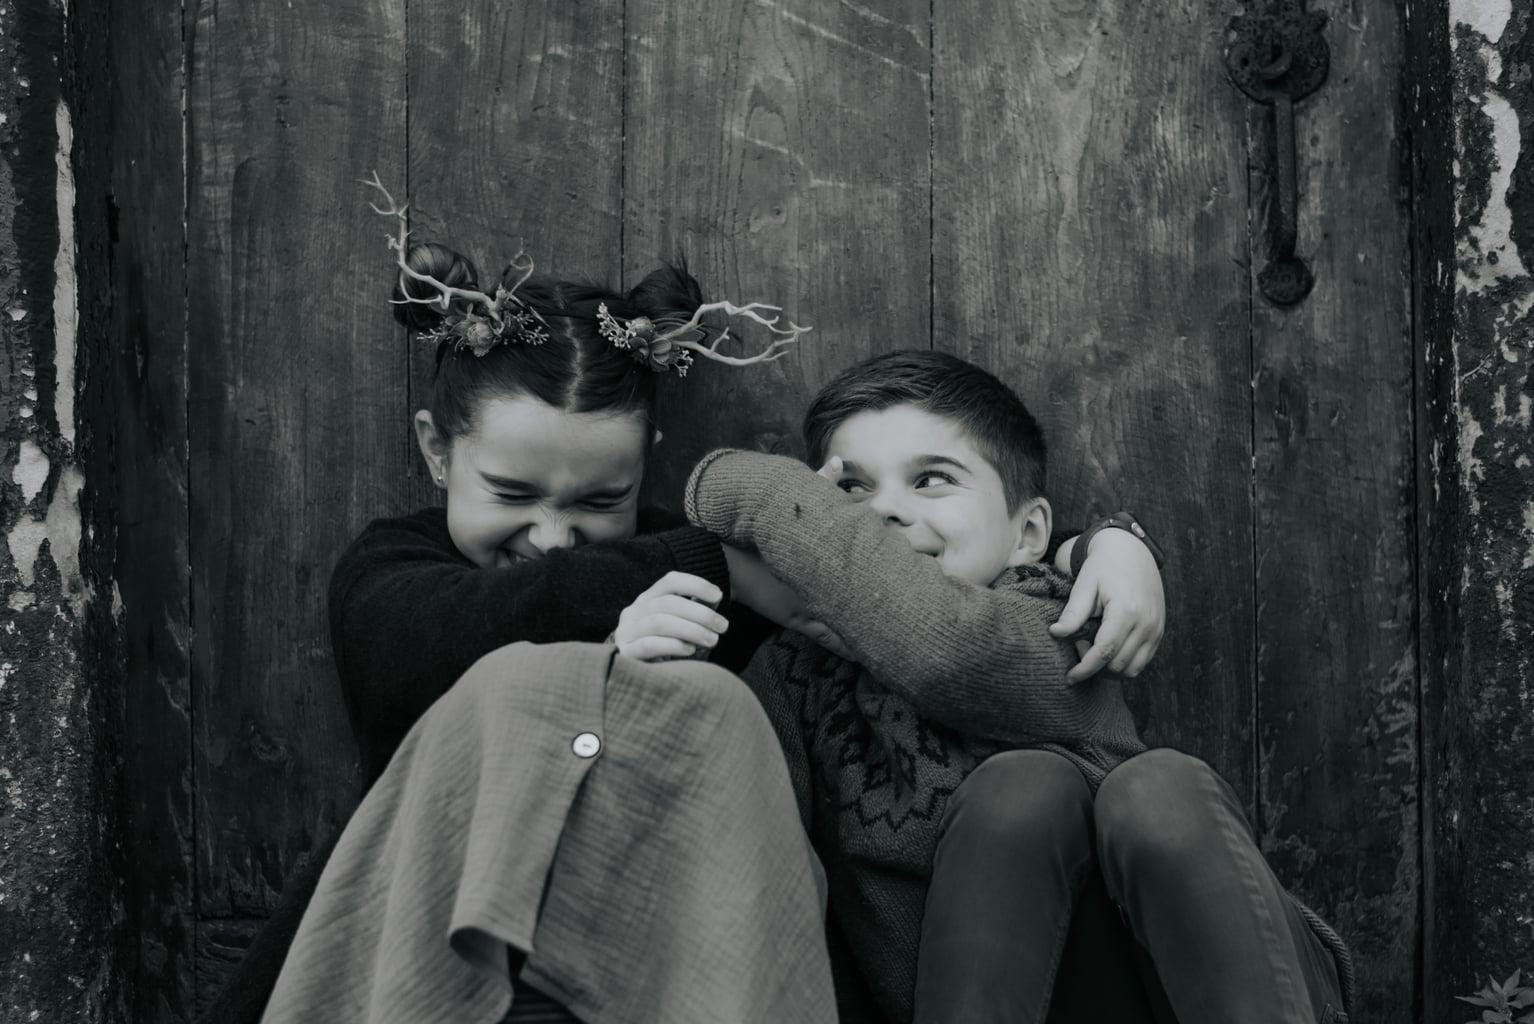 Fotografía de dos hermanos riéndose y jugando